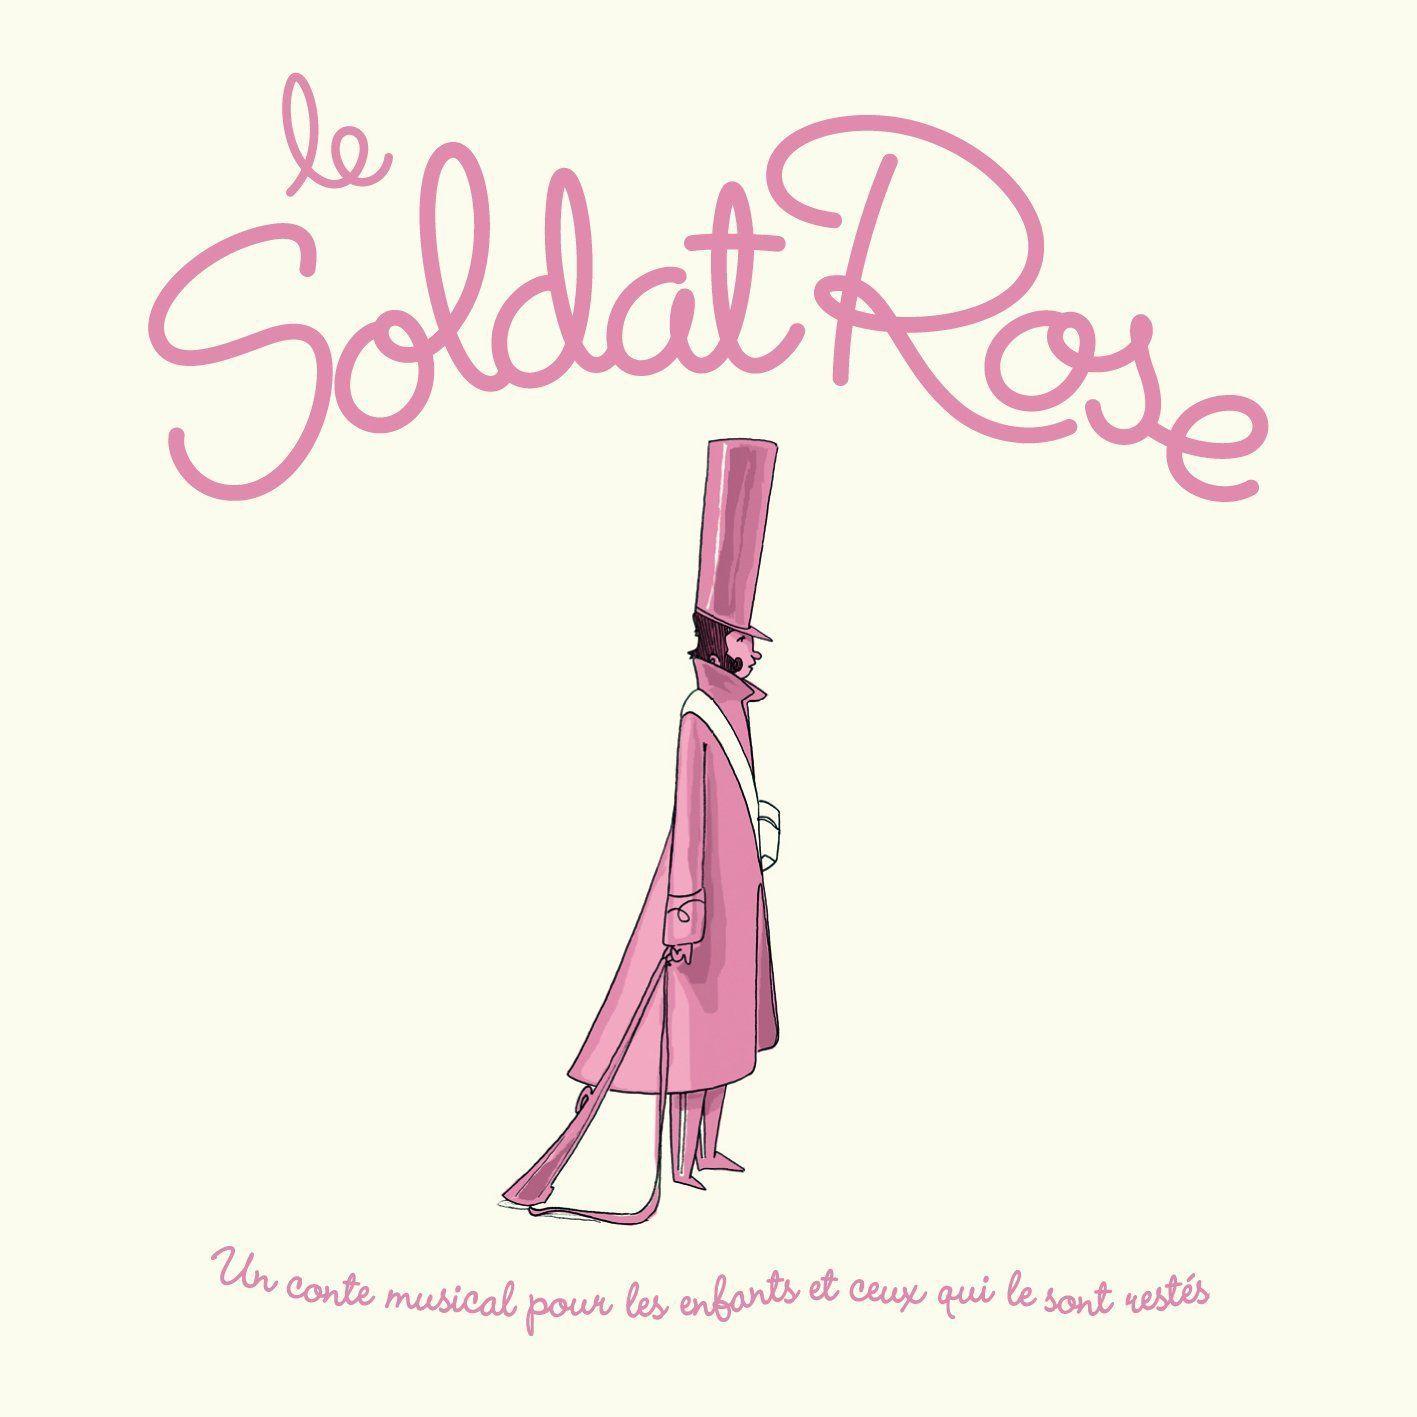 Le Soldat Rose de Louis Chedid